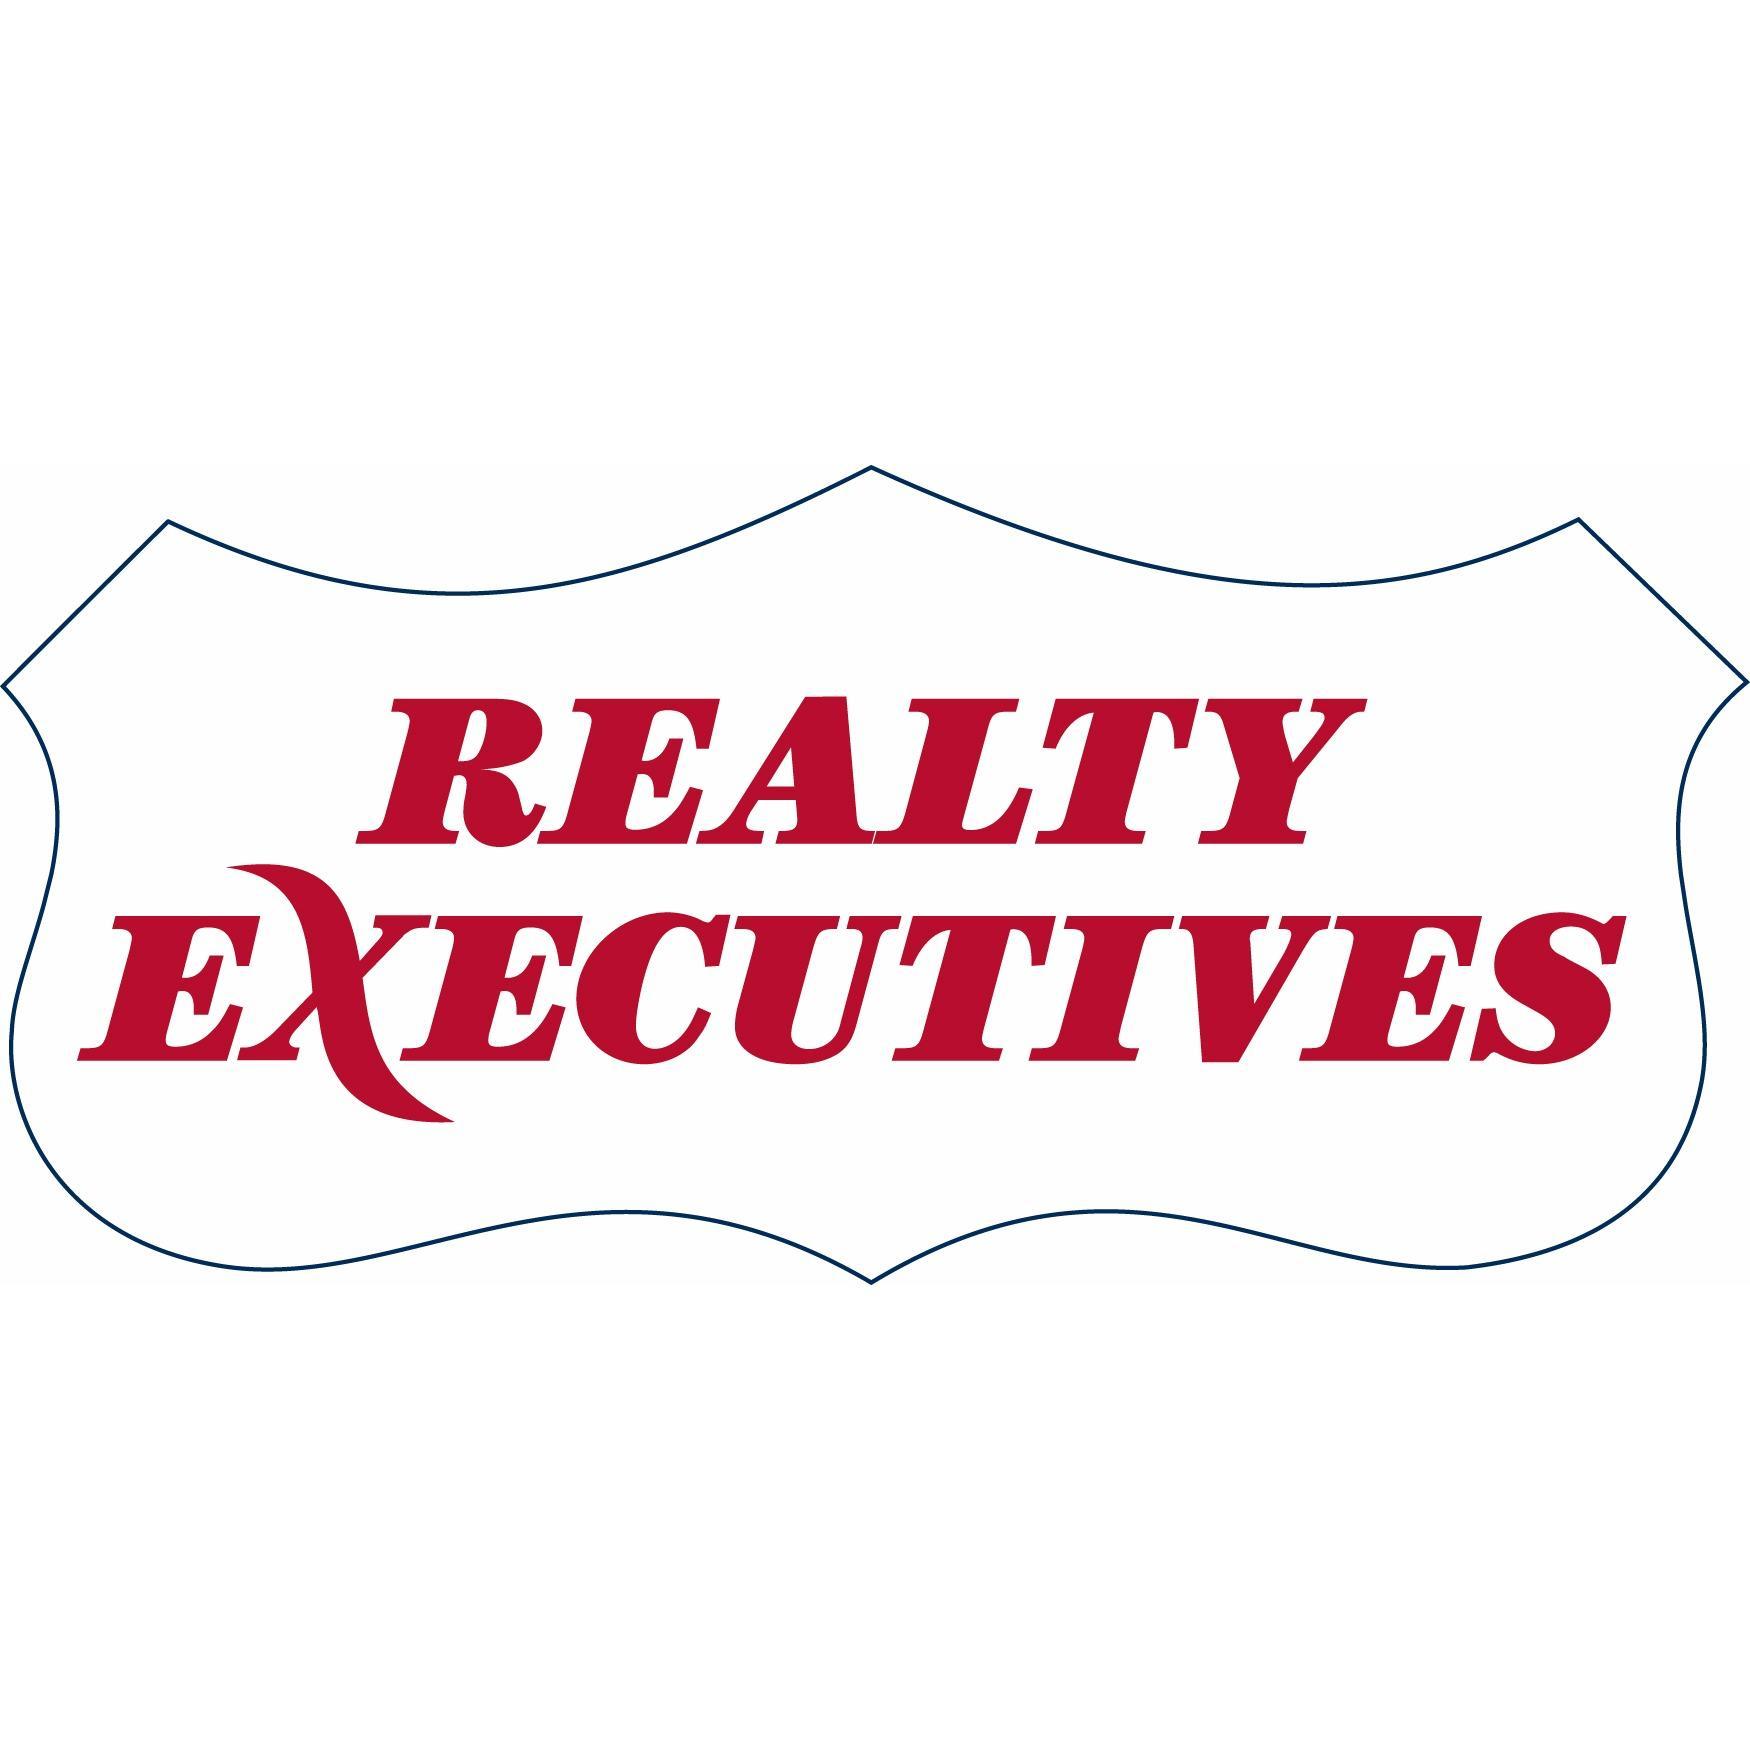 Realty Executives Brio - Bellevue, WA 98005 - (206)999-6821 | ShowMeLocal.com